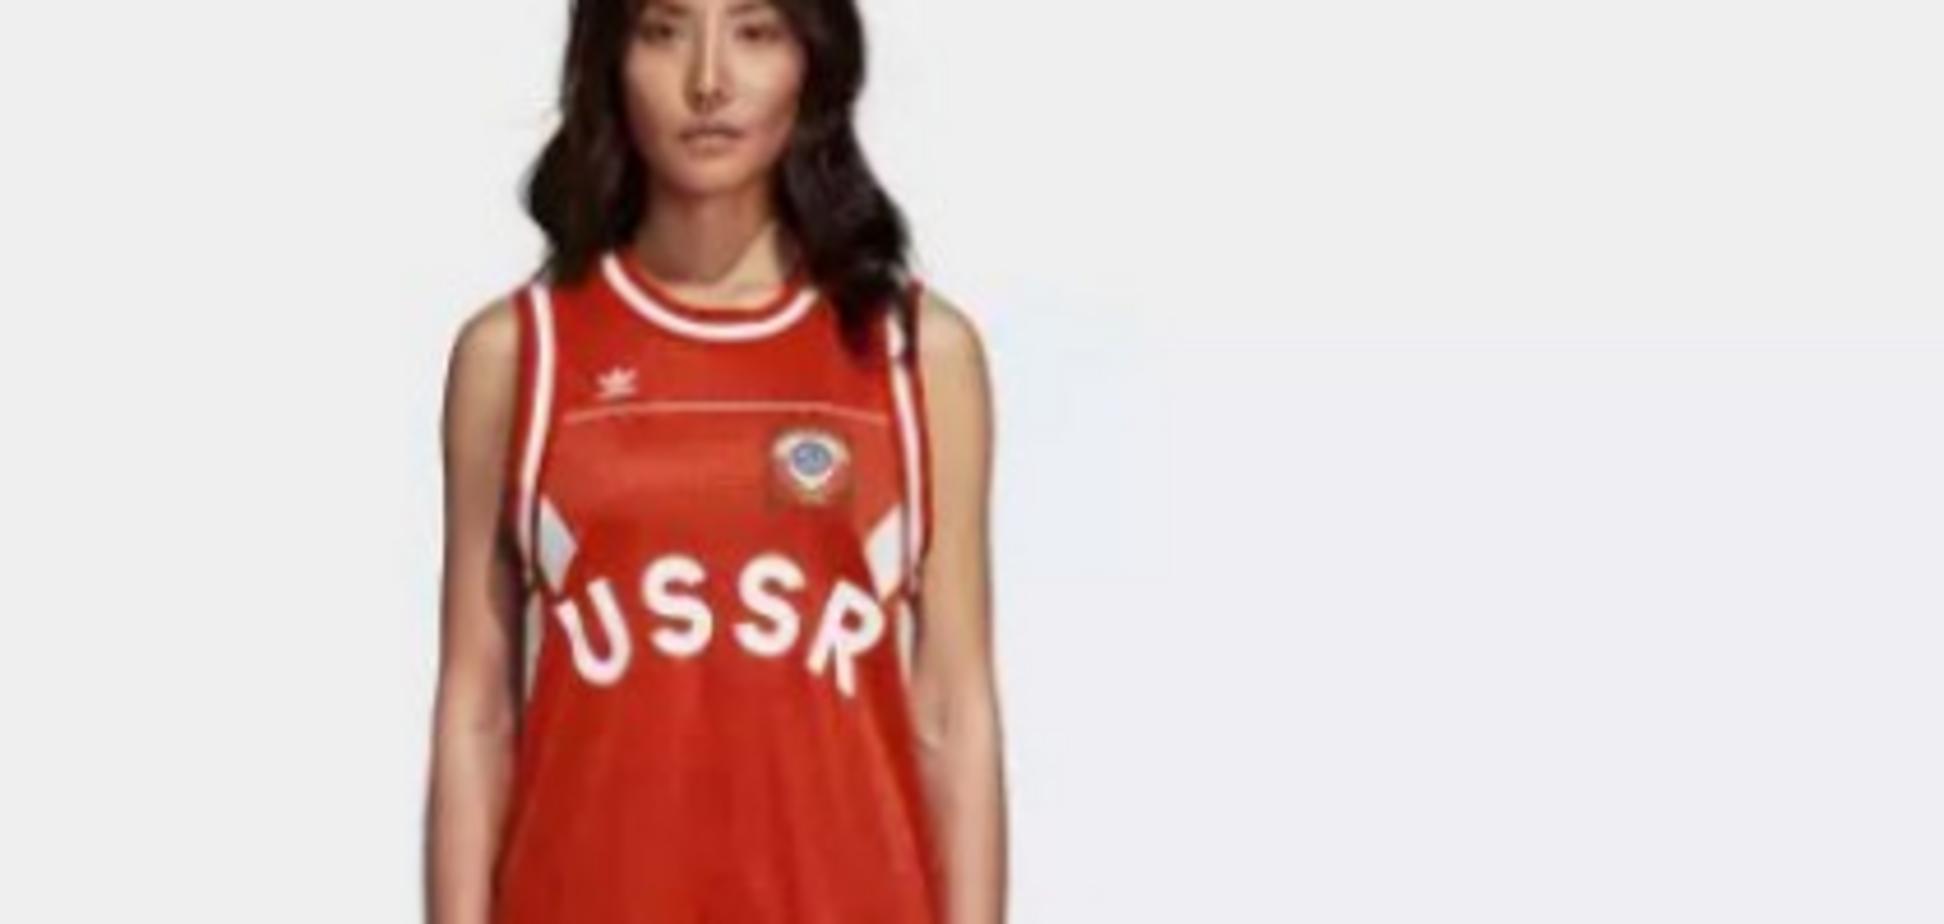 Скандал с футболками Adidas получил продолжение: Украина подготовила ответ